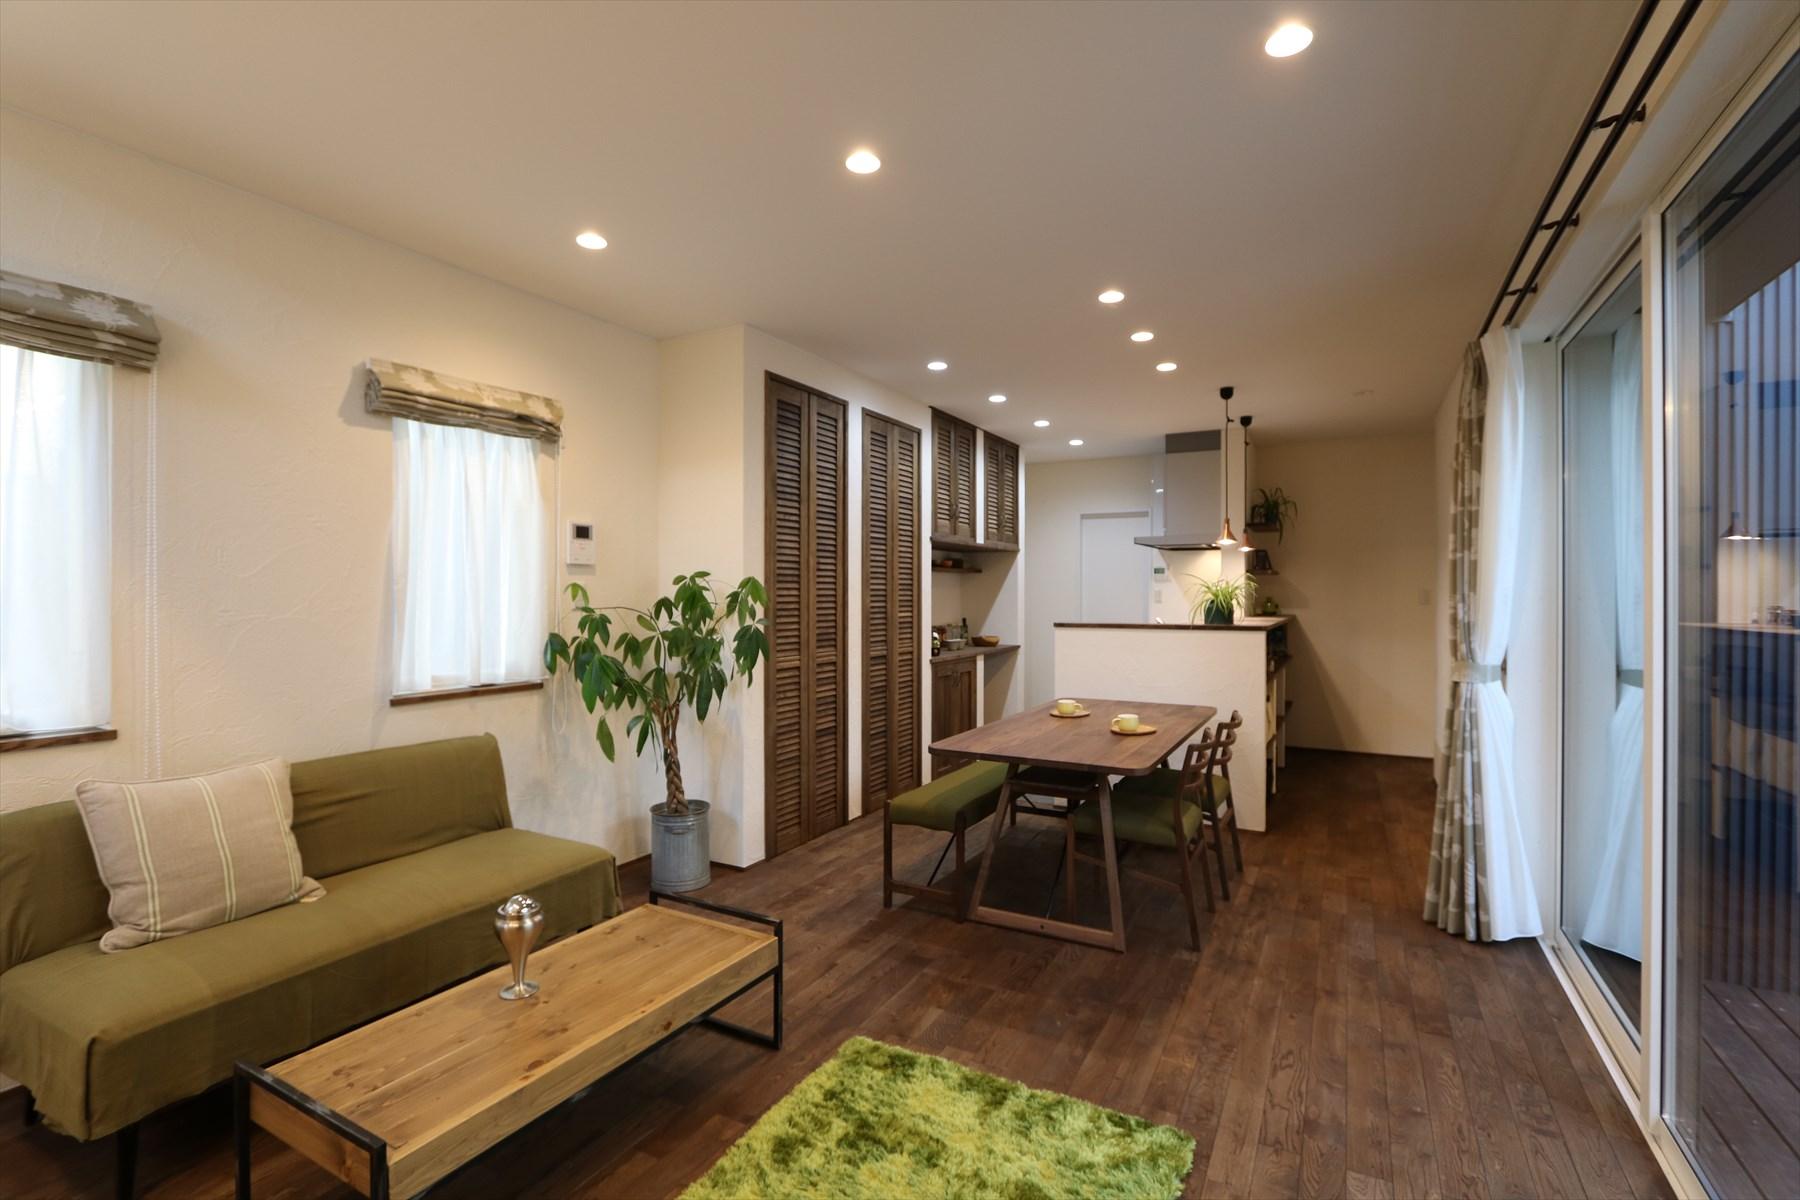 施工事例過去|ウッドデッキを囲む五層構造の家|石川県金沢市の注文住宅・デザイン性・新築の家・戸建て|E-HOUSE